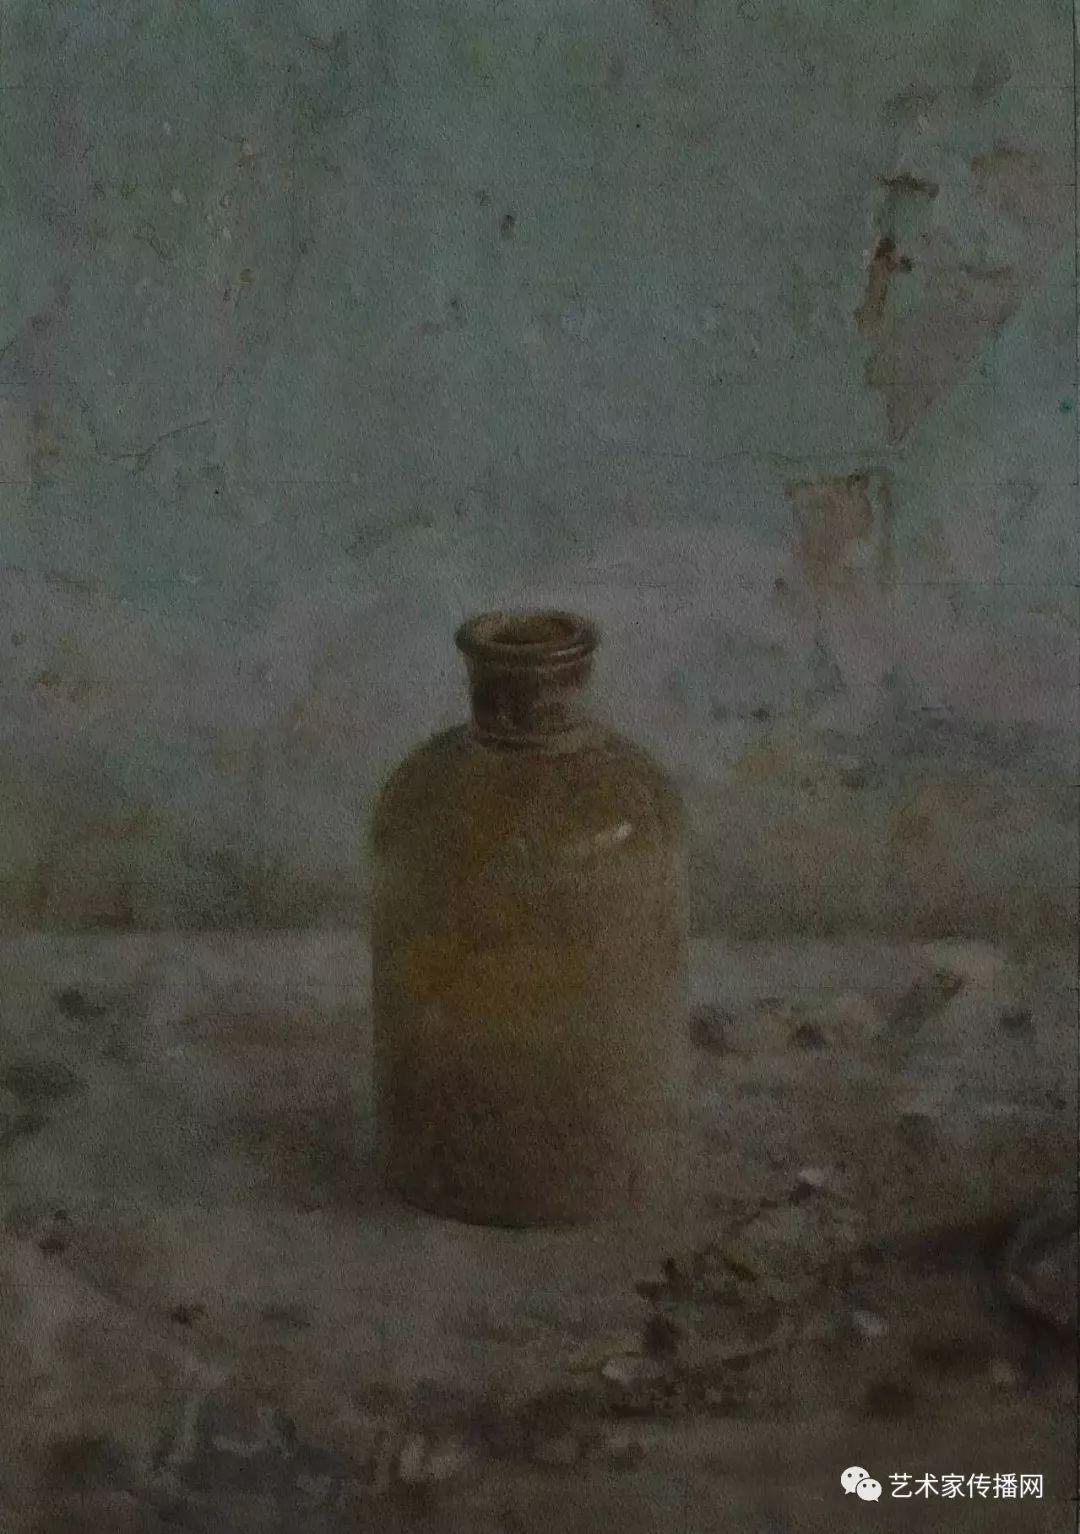 他只画老油灯空瓶子和女人体,却惊艳了整个画坛!插图7